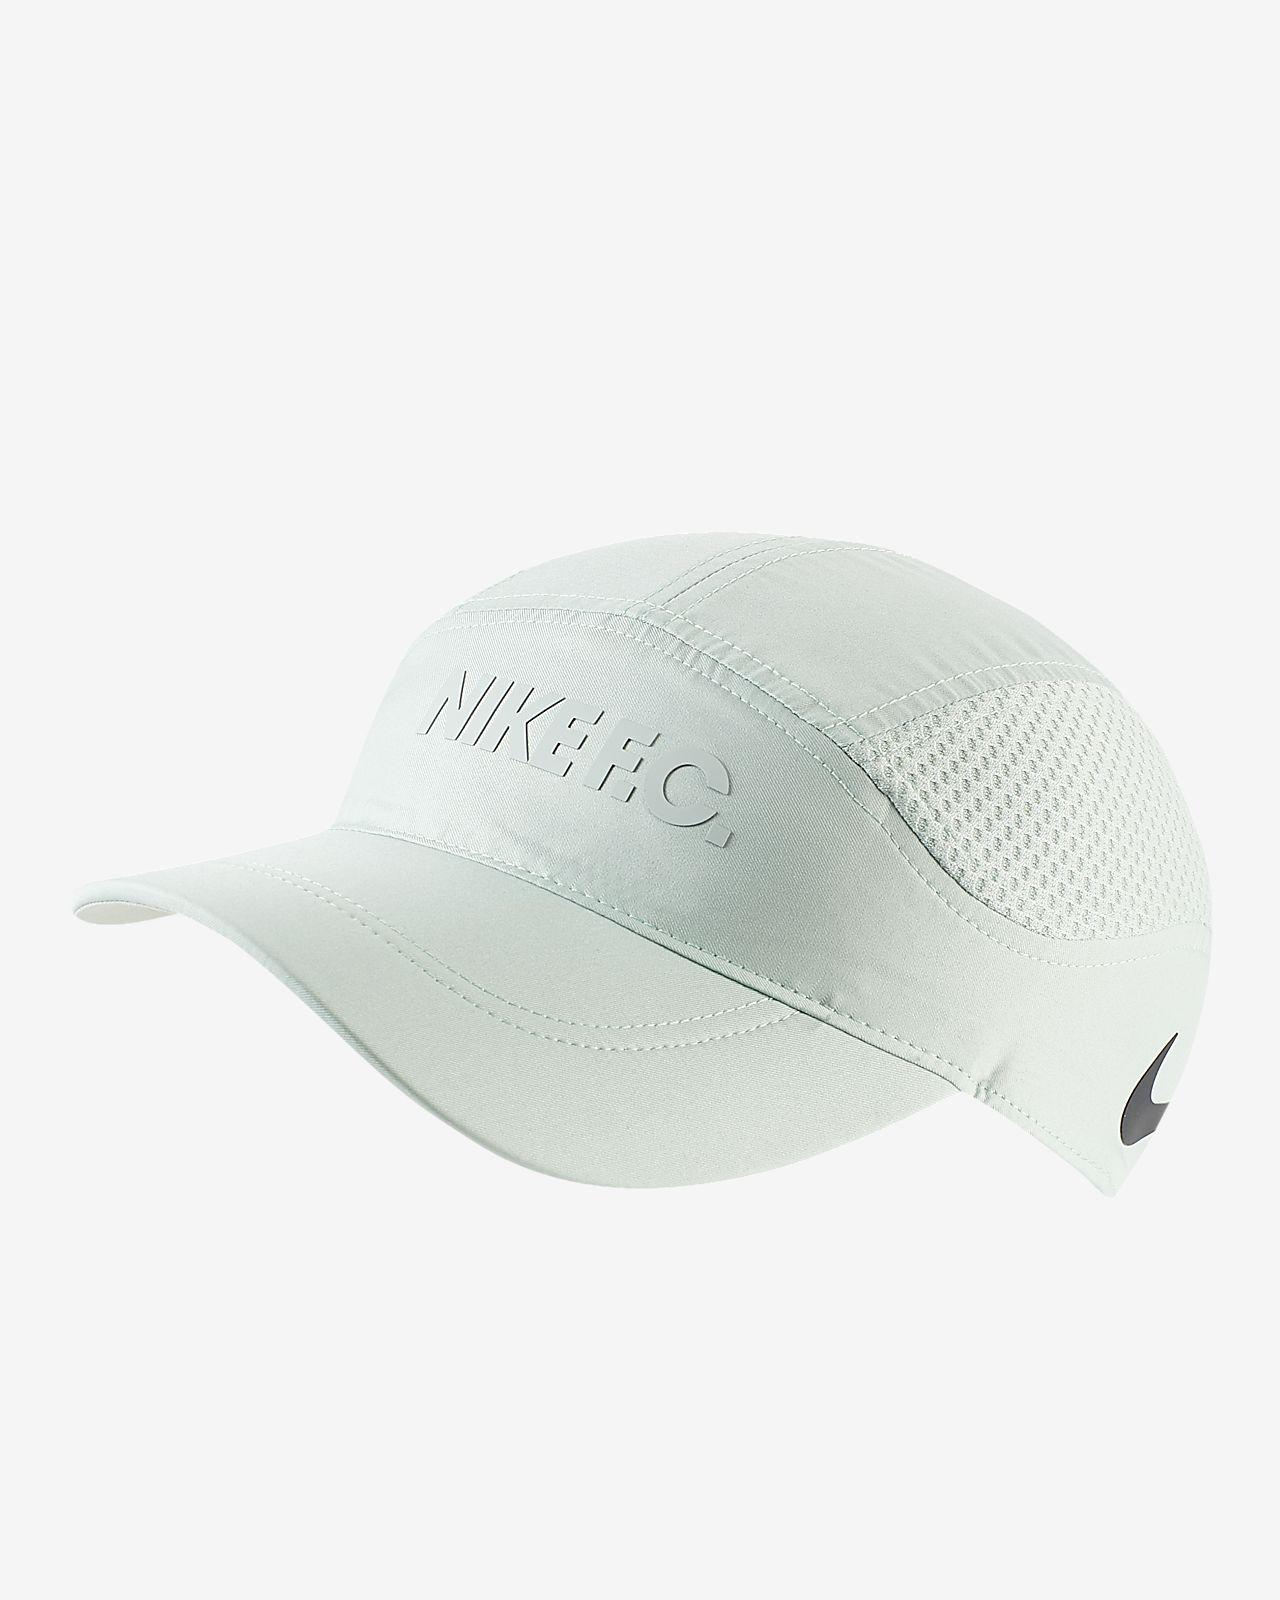 Regulowana czapka piłkarska Nike F.C. AeroBill Tailwind